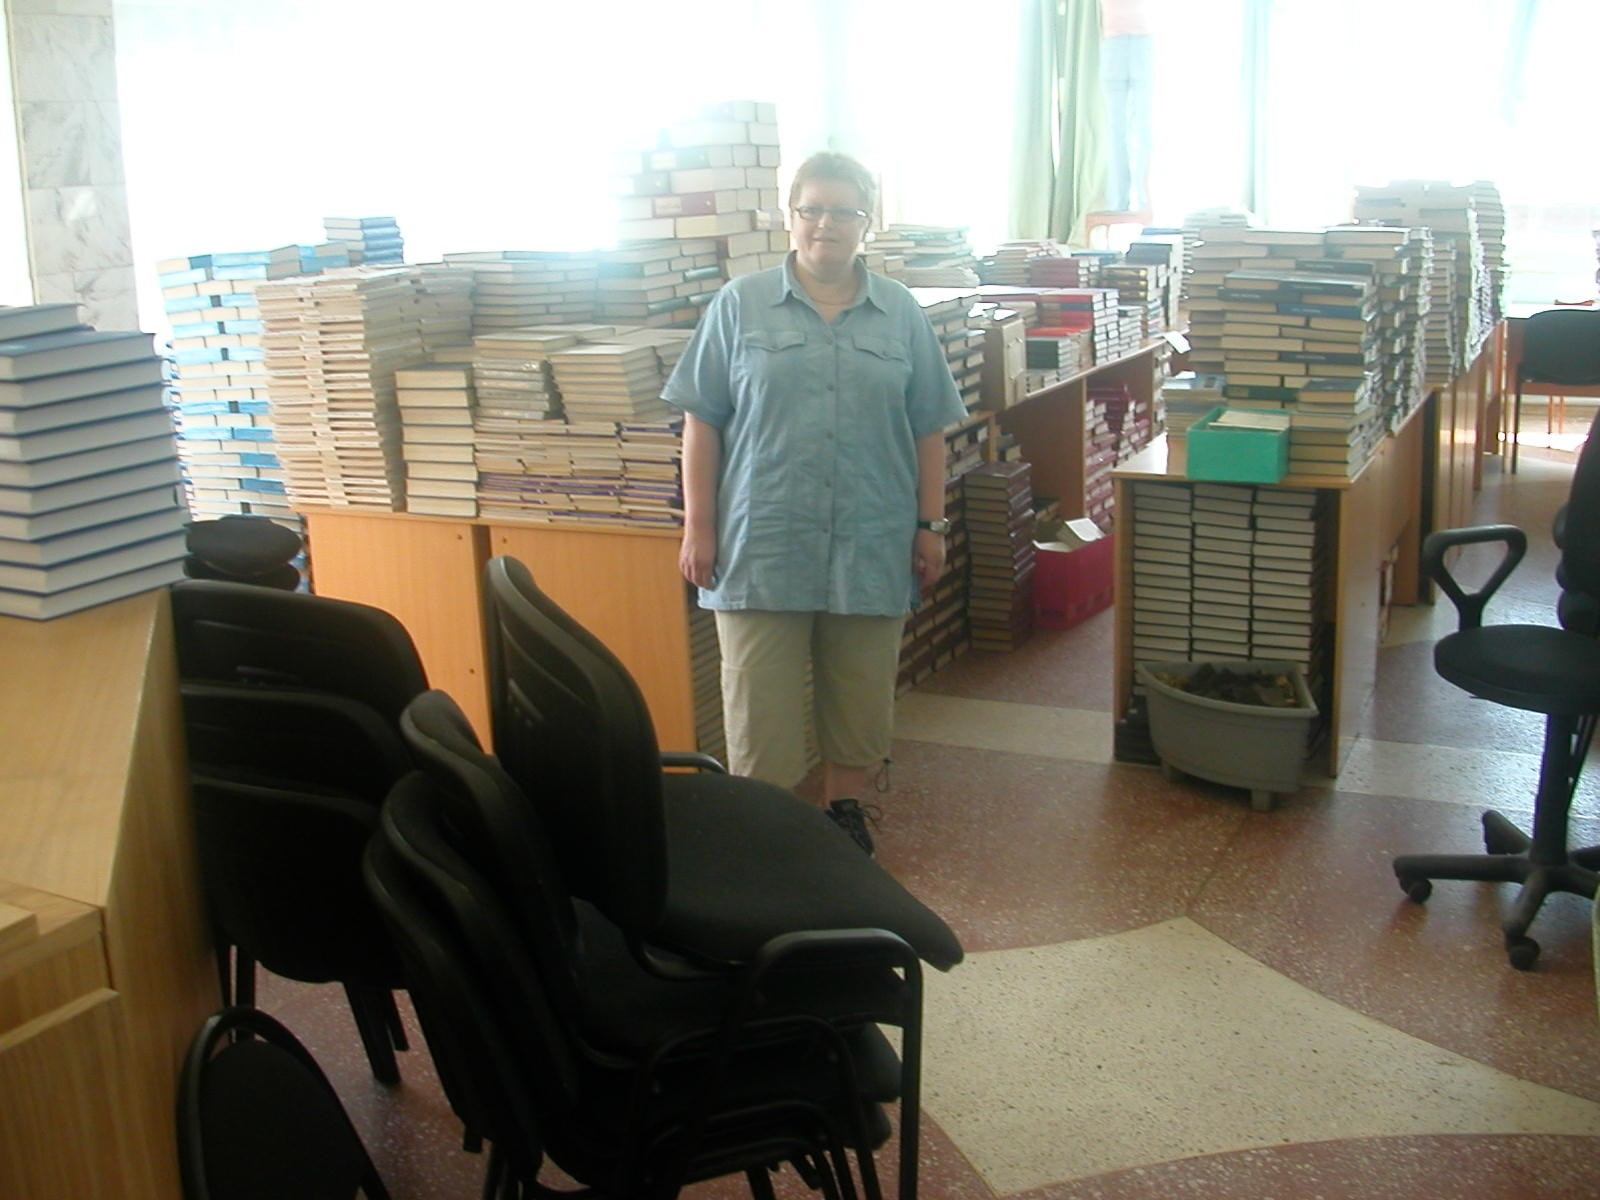 Die Bibliothek war gerade für Besucher geschlossen (Semester-Ferien) und es stappelten sich überall Lehrbücher, die noch bearbeitet und eingeräumt werden mussten.